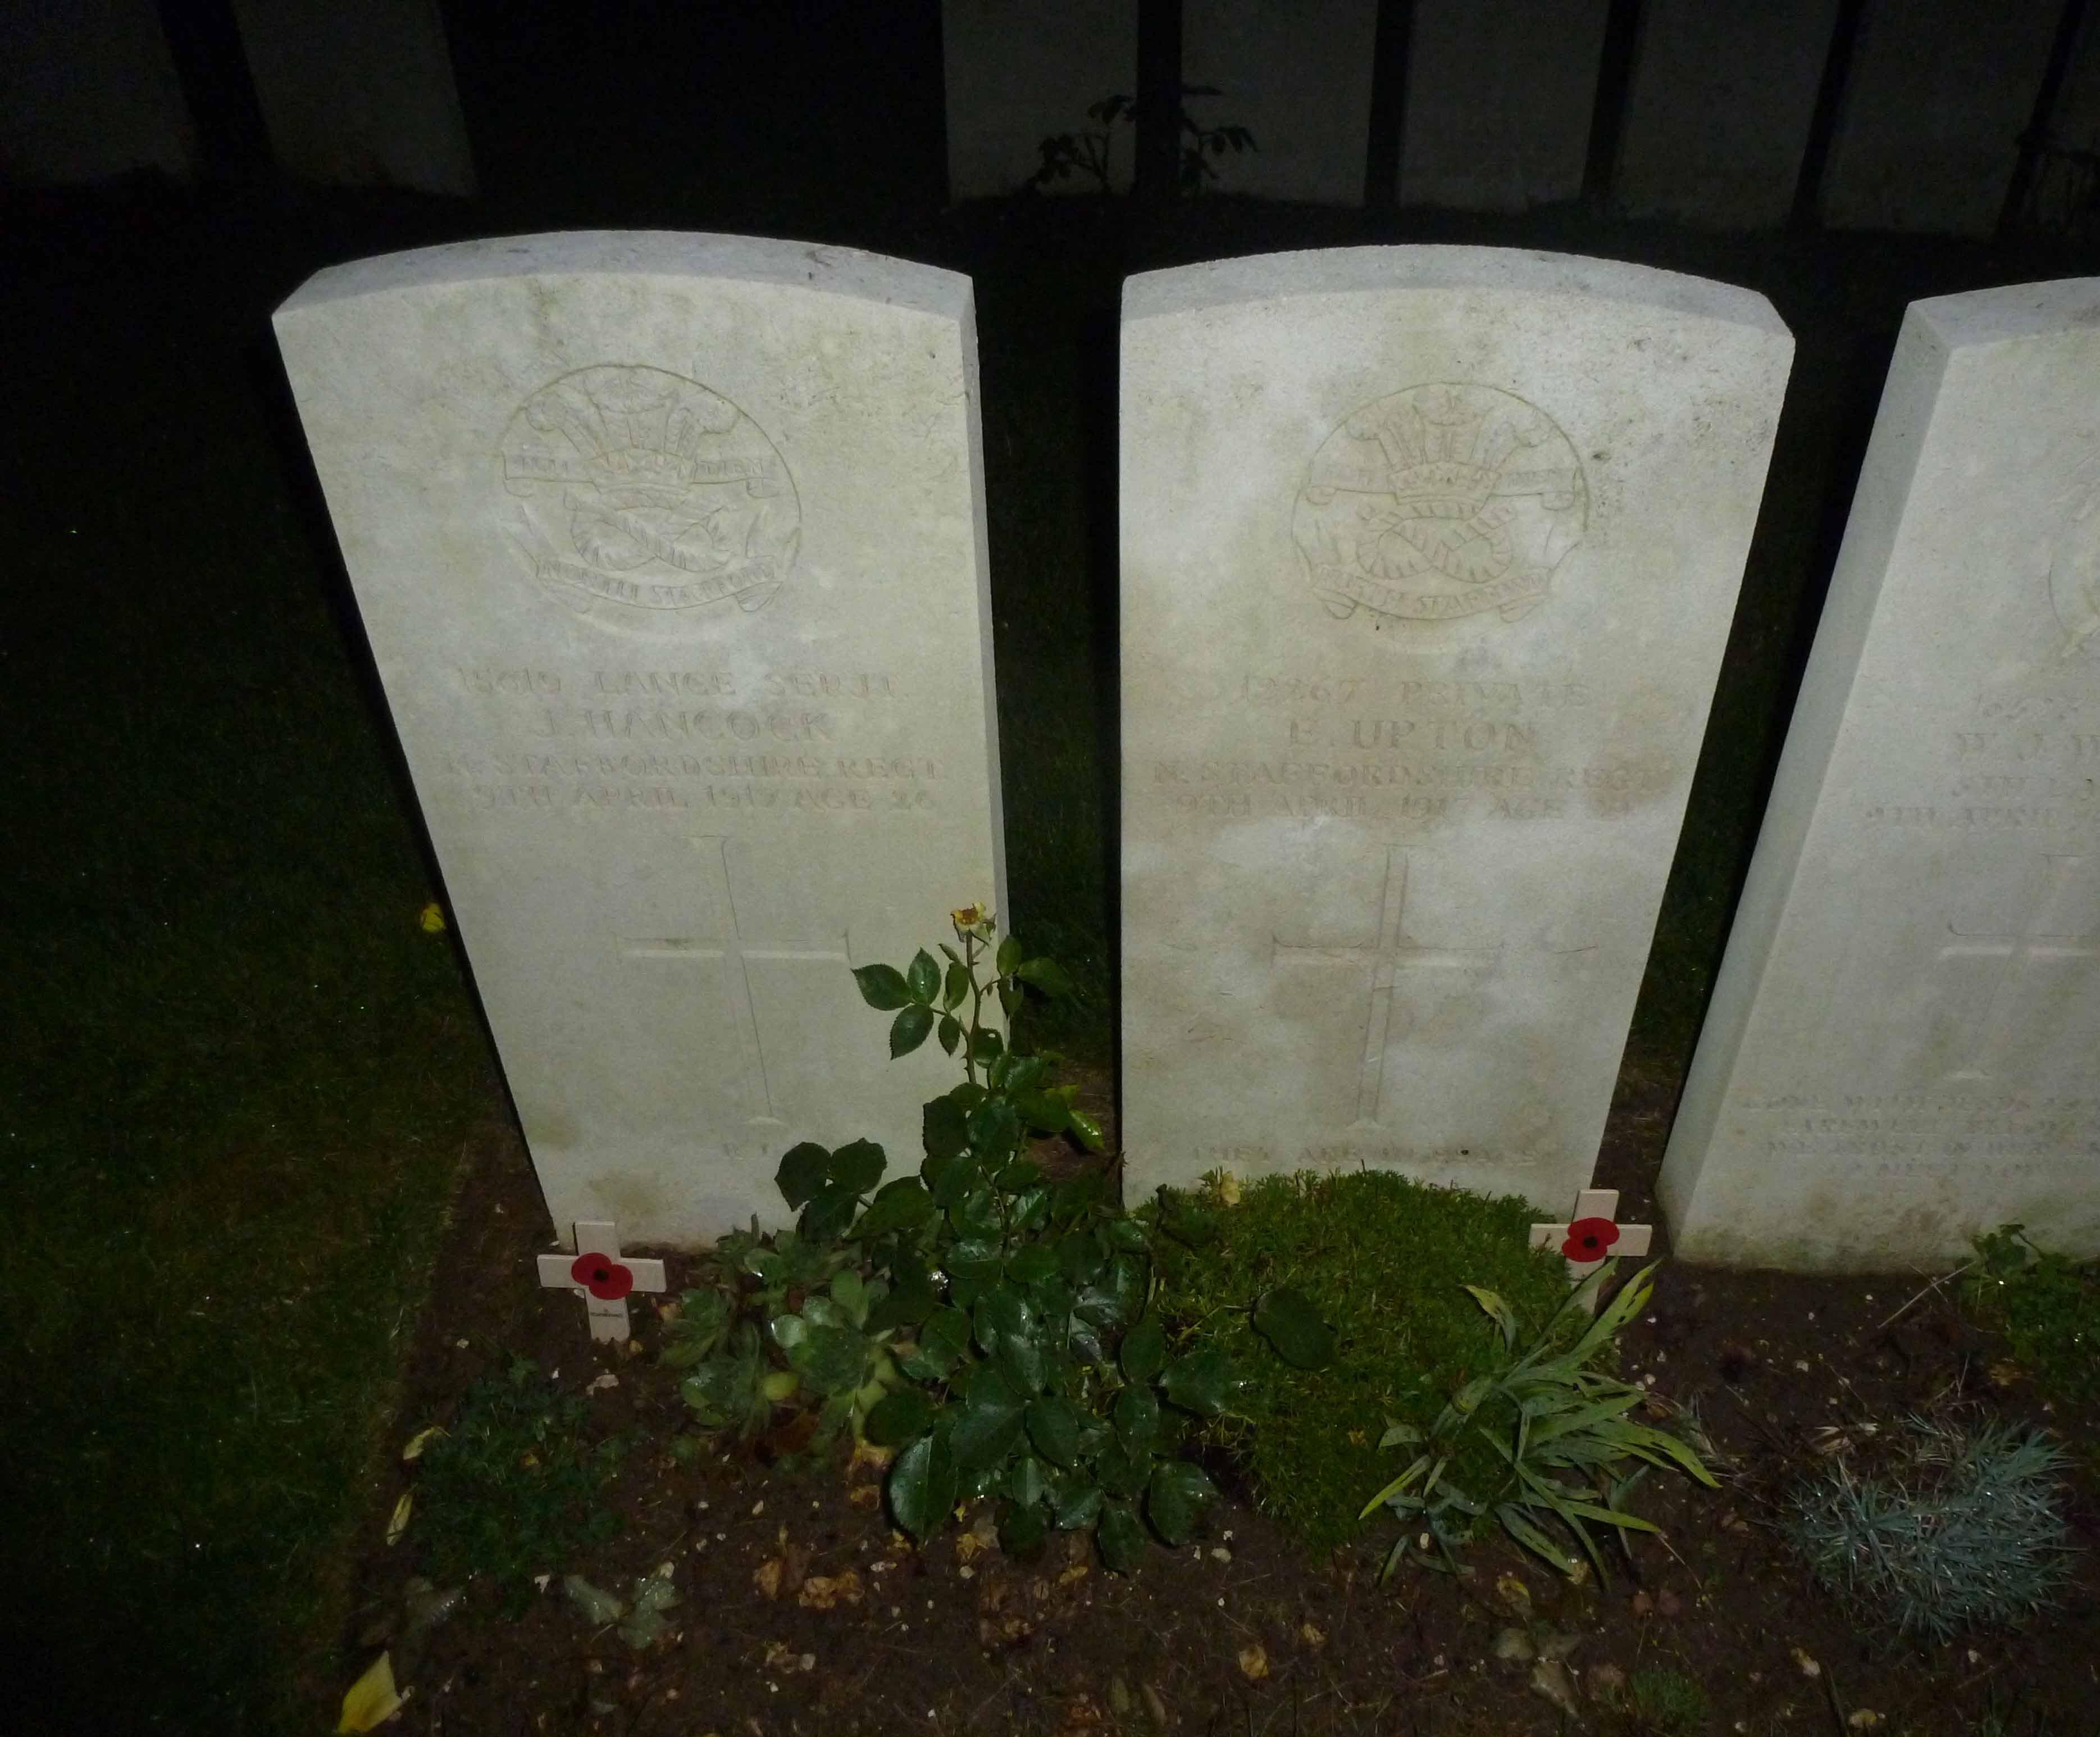 Ernest-Upton-Grave